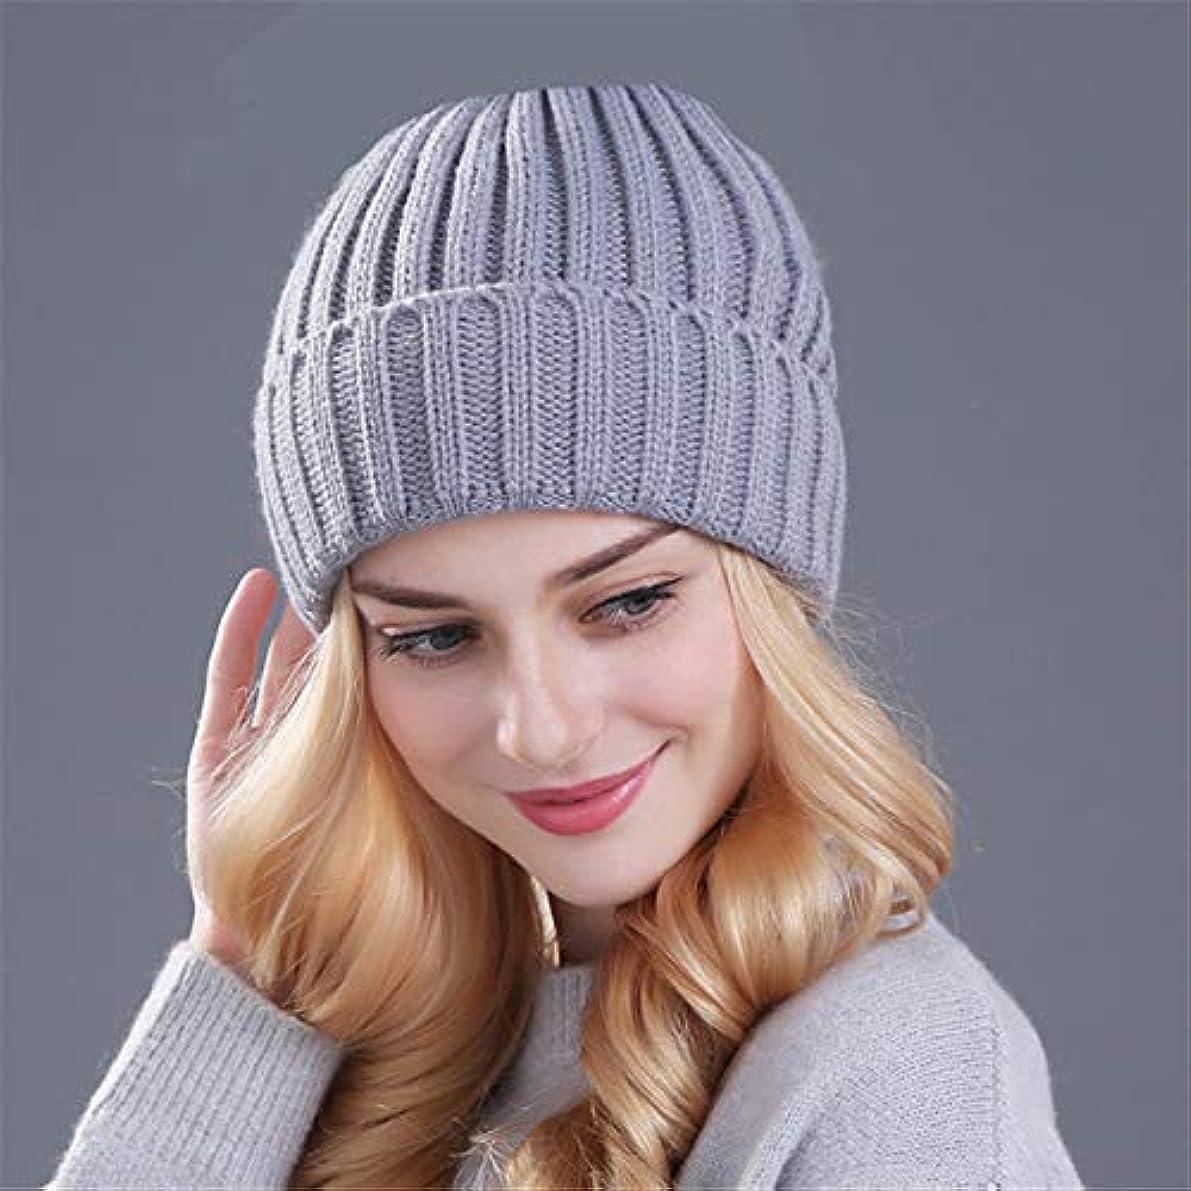 民主党楽しむコンパクトZHENGDANG ?女性の帽子ニットビーニーキャップ厚い女性のキャップのために暖かい冬の帽子を保管してください